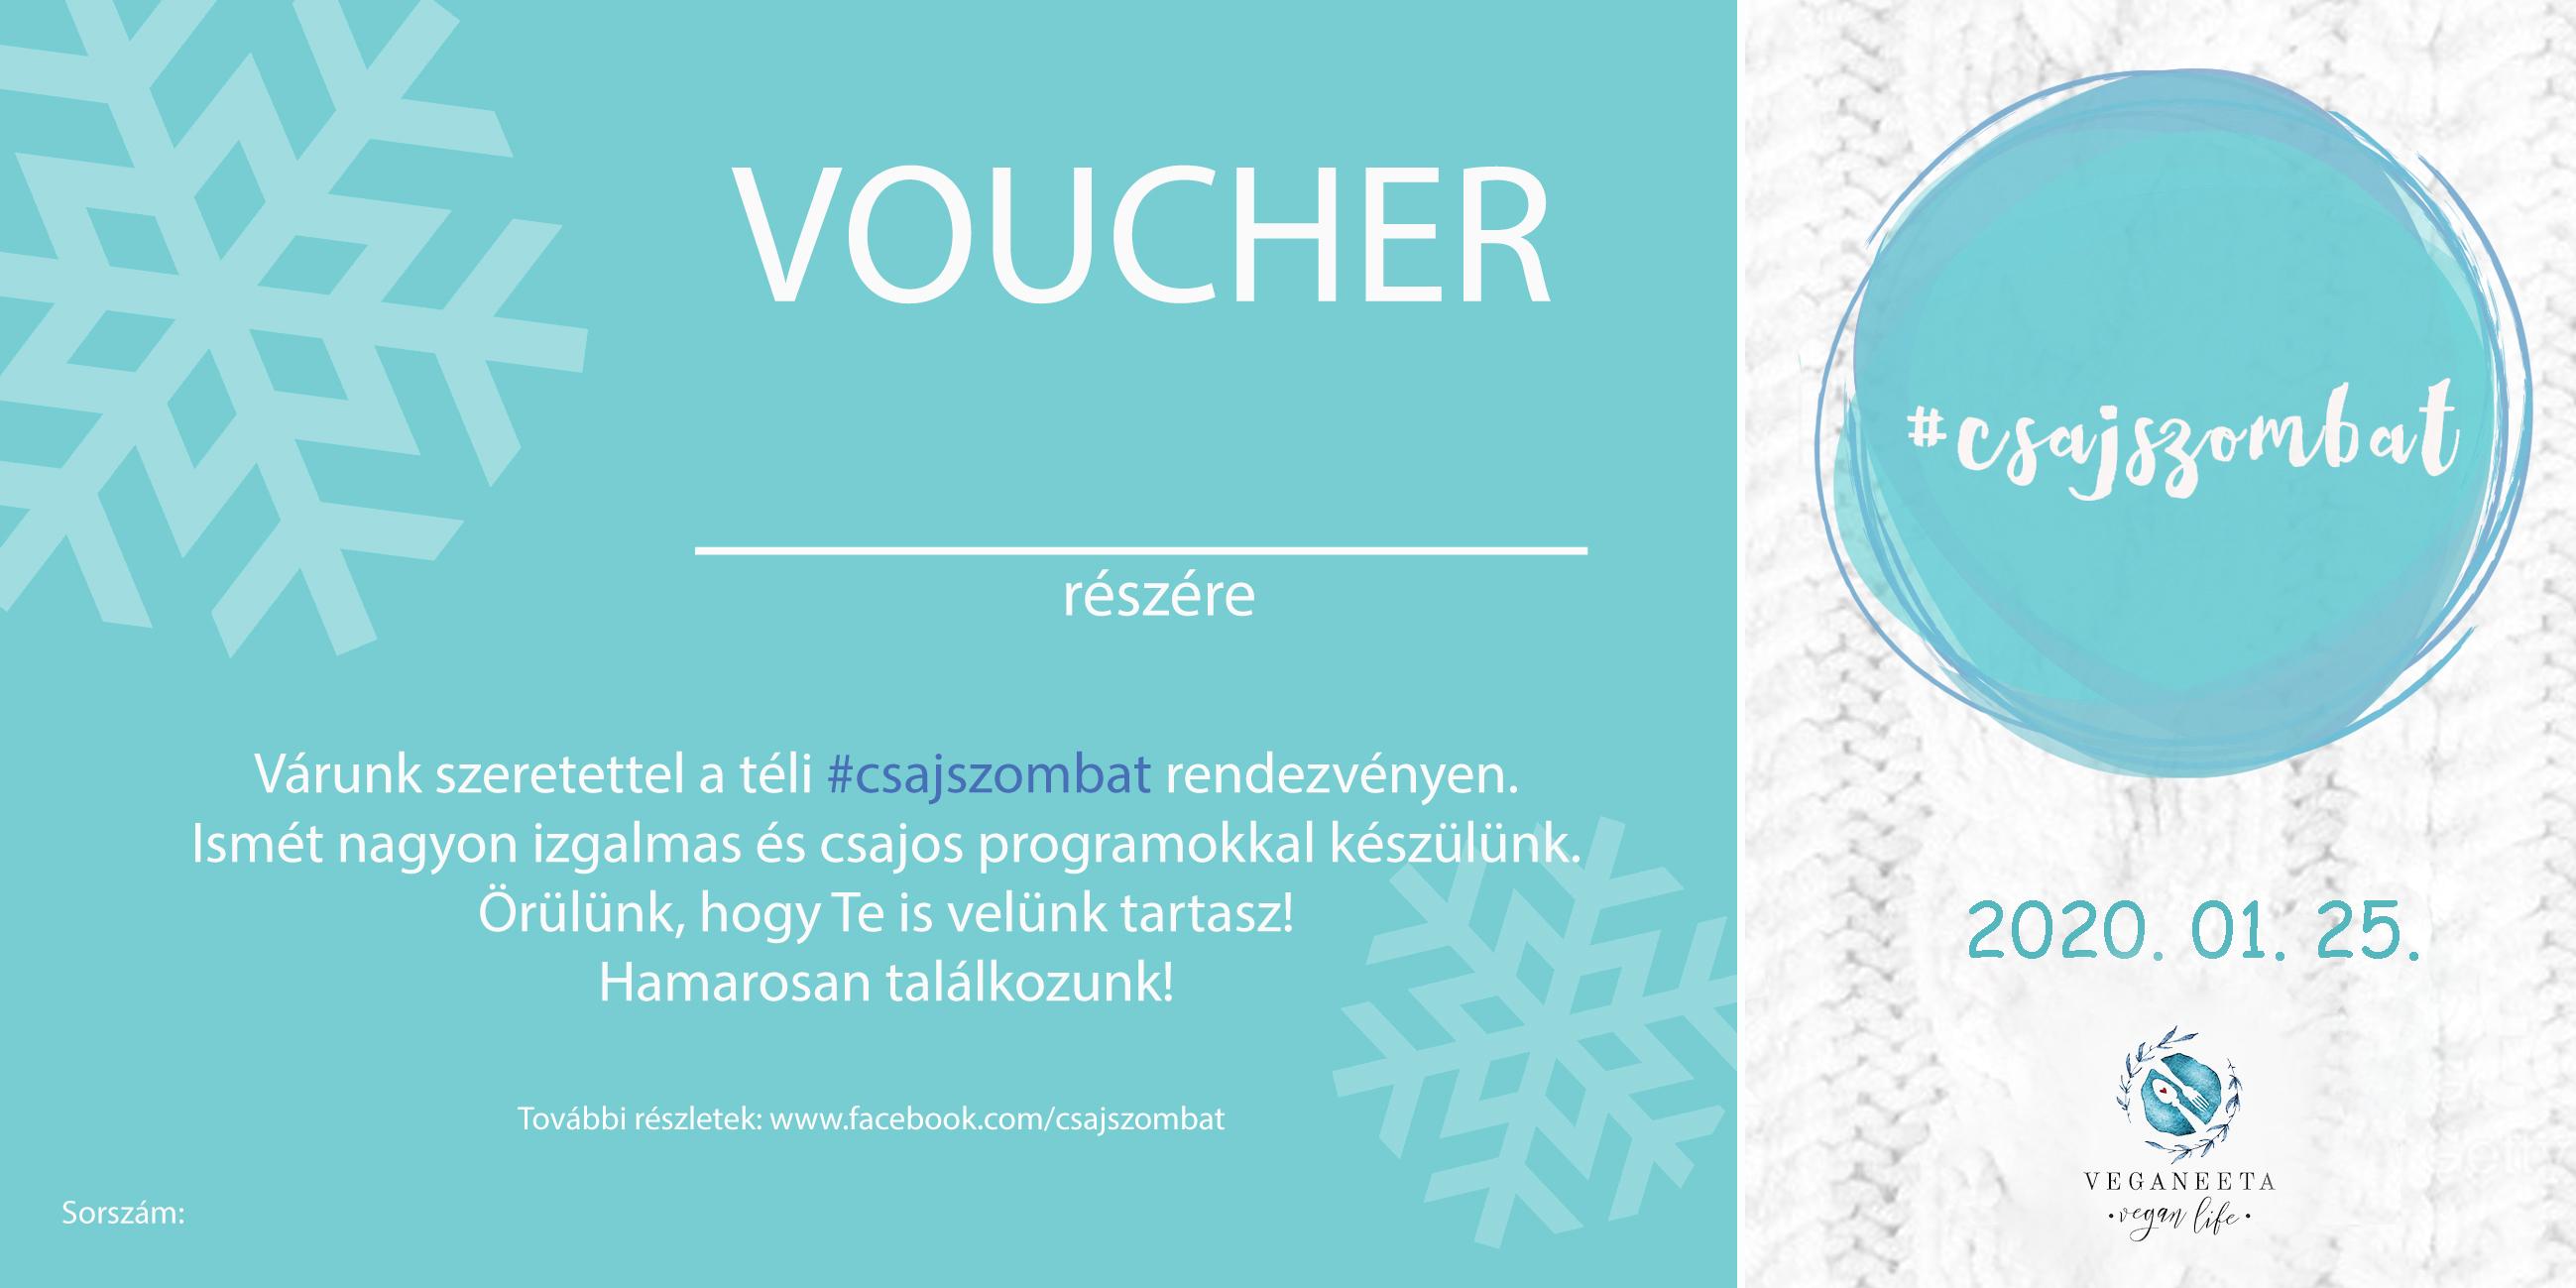 csajszombat_tel_2020_voucher_fb.jpg